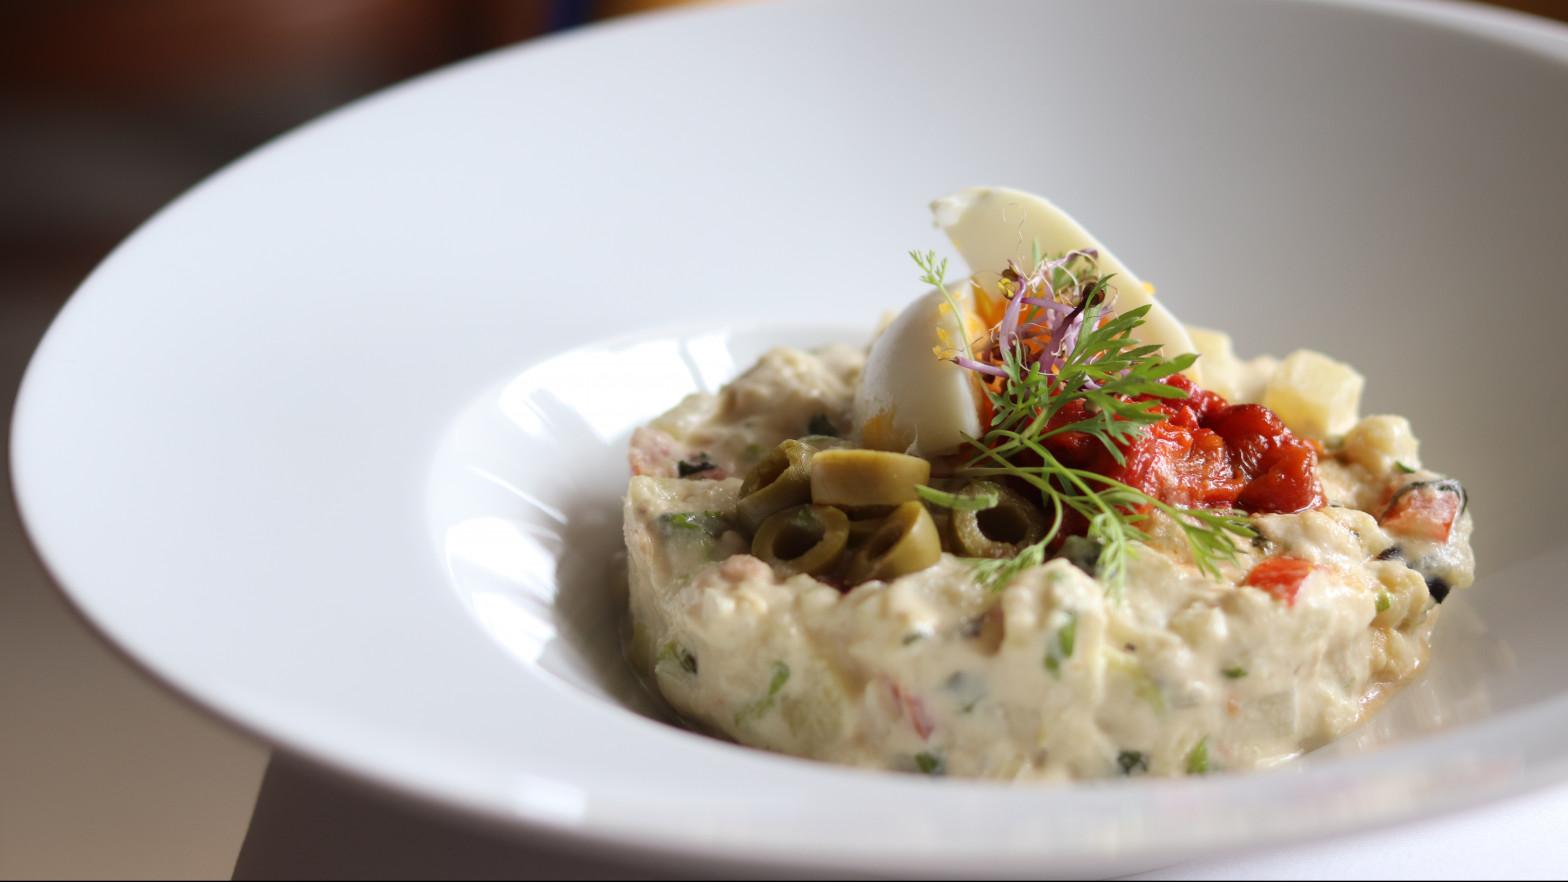 Qué se 'cuece' en gastronomía: planes sabrosos, apetecibles y novedosos